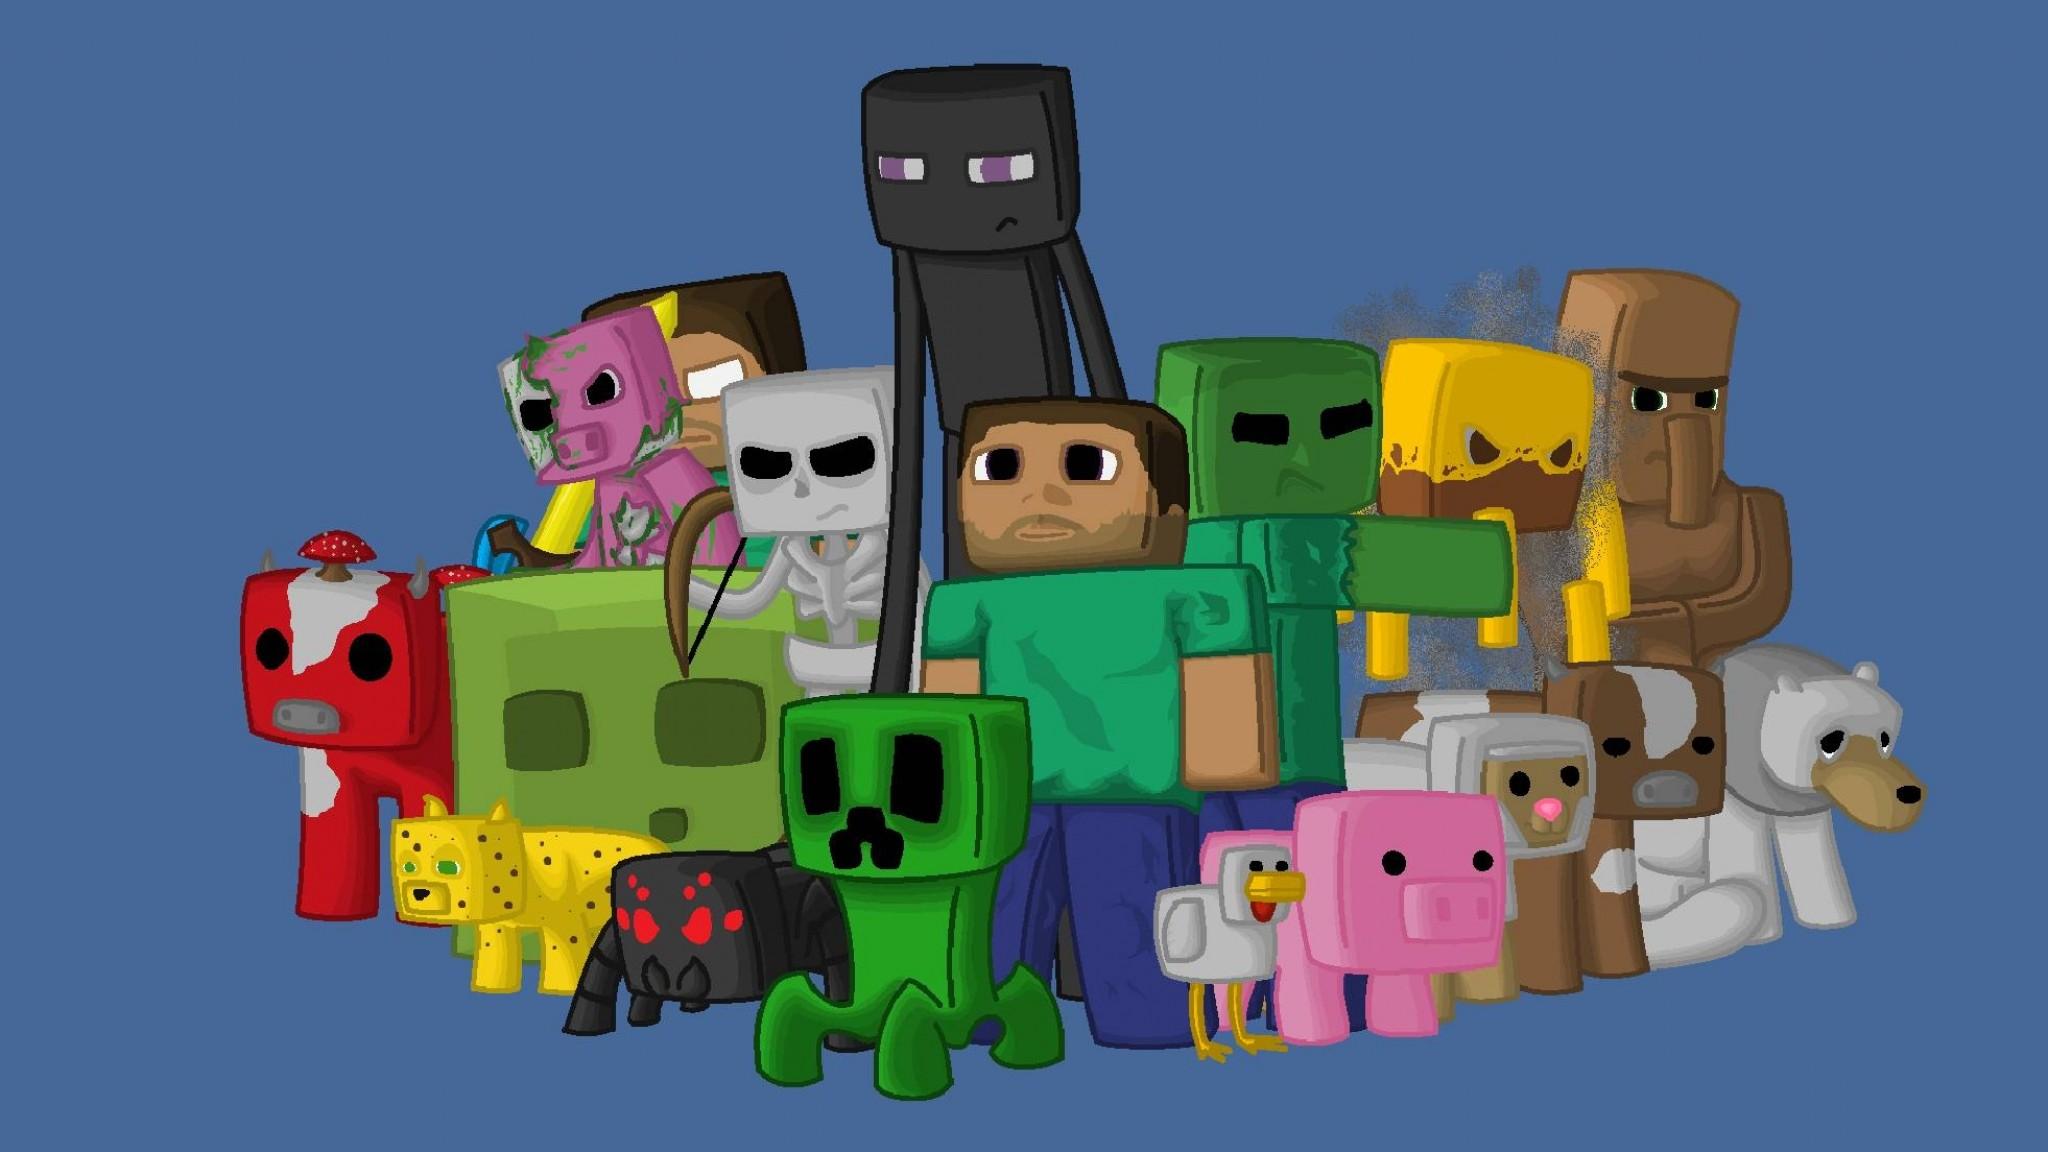 2048 Pixels Wide And 1152 Pixels Tall Creator Minecraft: 2048 X 1152 Pixels Wallpaper (90+ Images